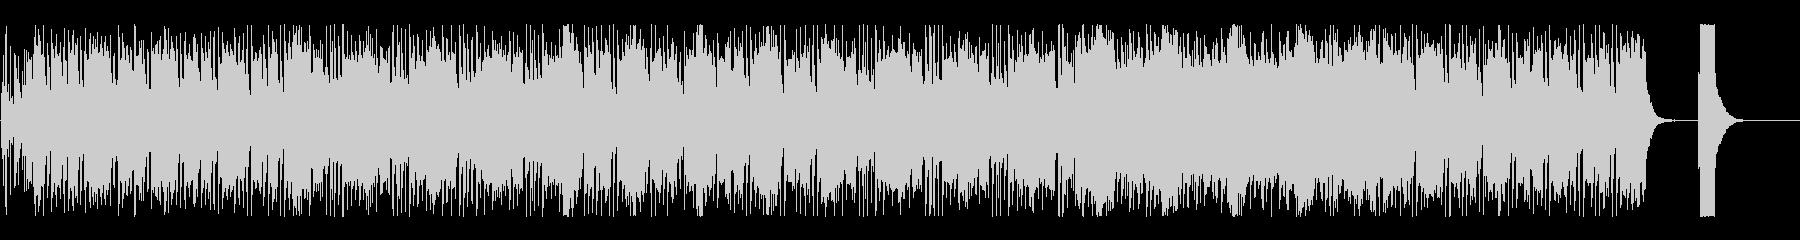 オーディオドラマ向けBGM/日常3の未再生の波形